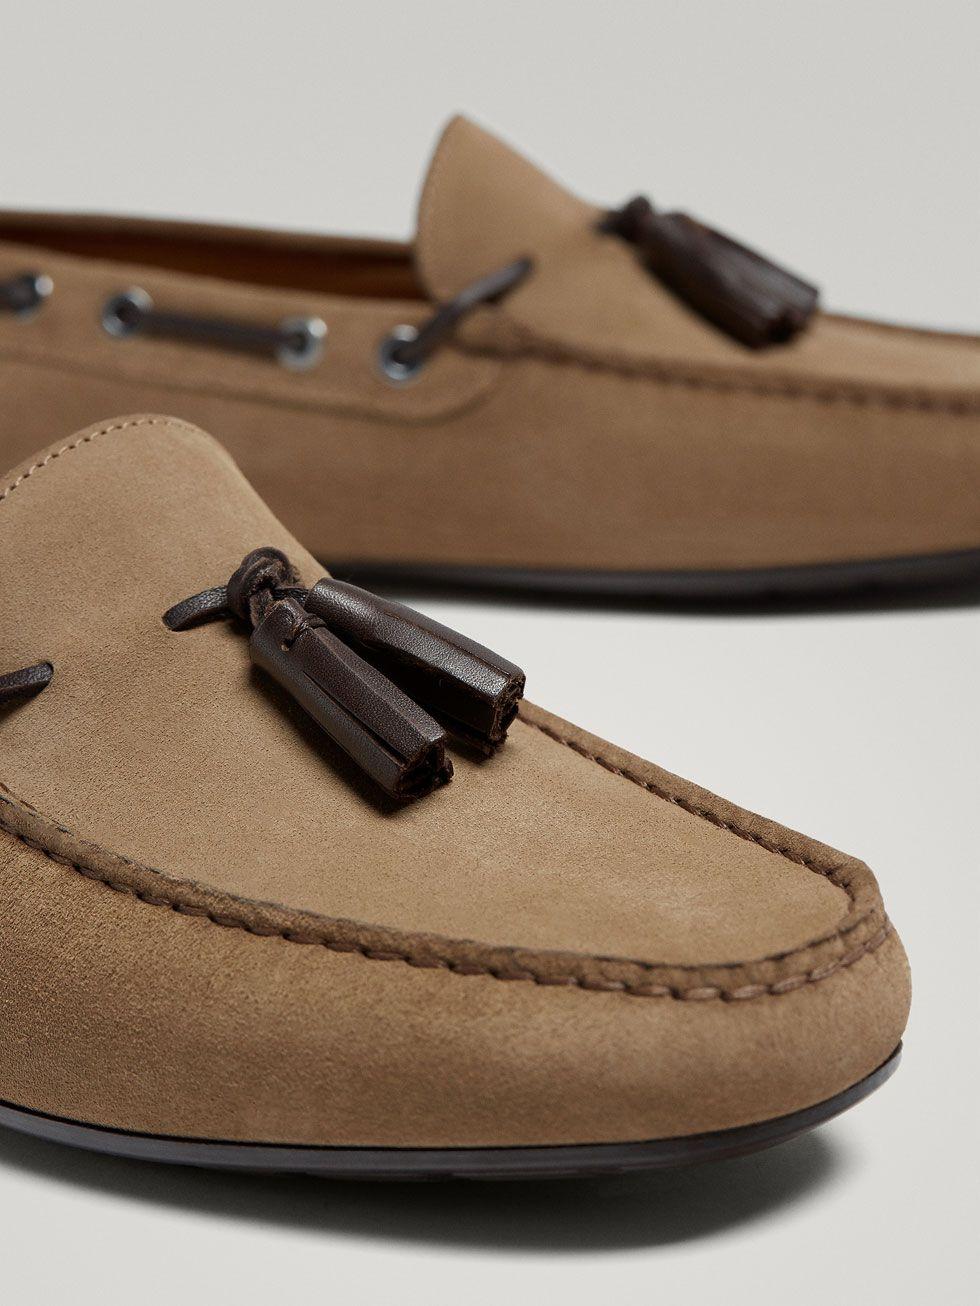 Massimo Hombre Zapatos Dutti Ver Todo qt6HXSw